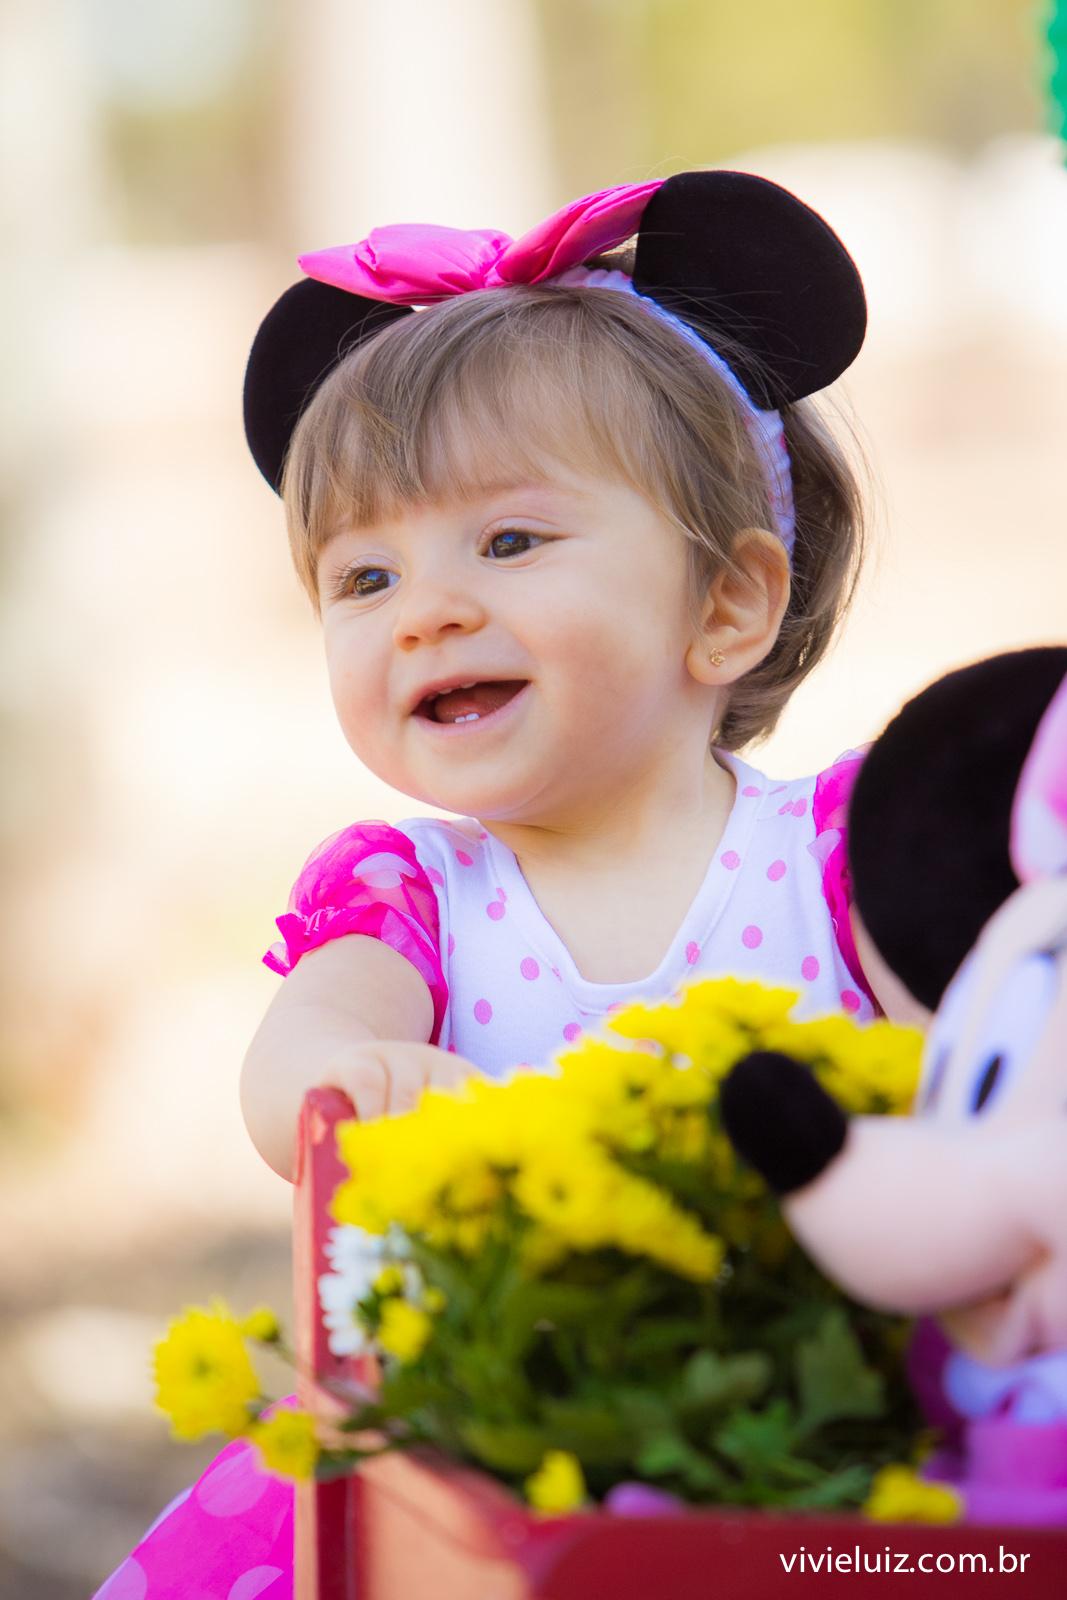 menina empurrando carrinho de compras com minie e flores amarelas